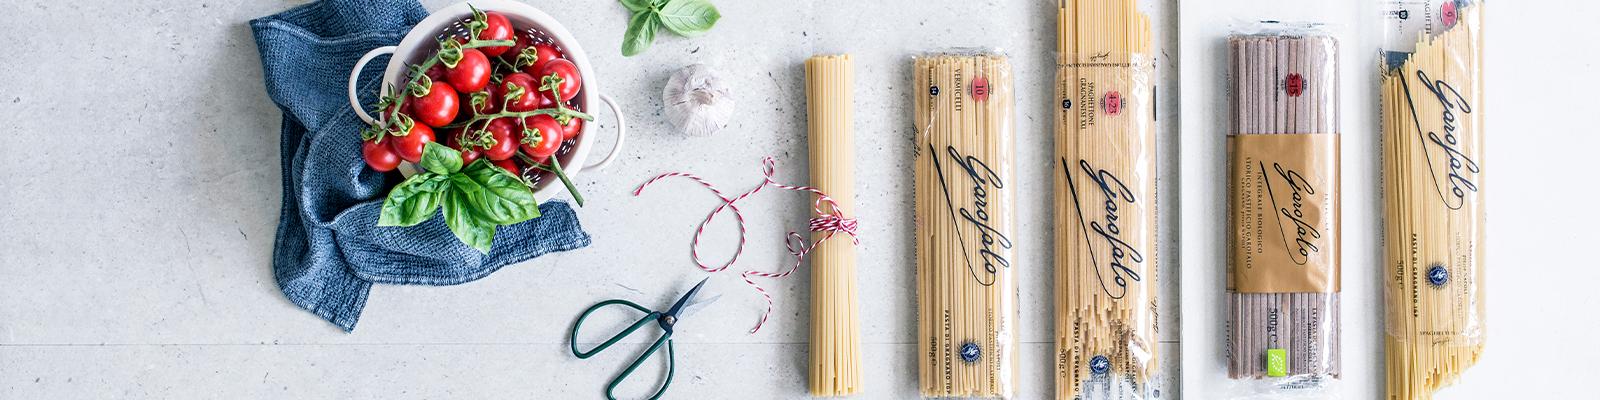 Pasta Garofalo - Lange Pasta